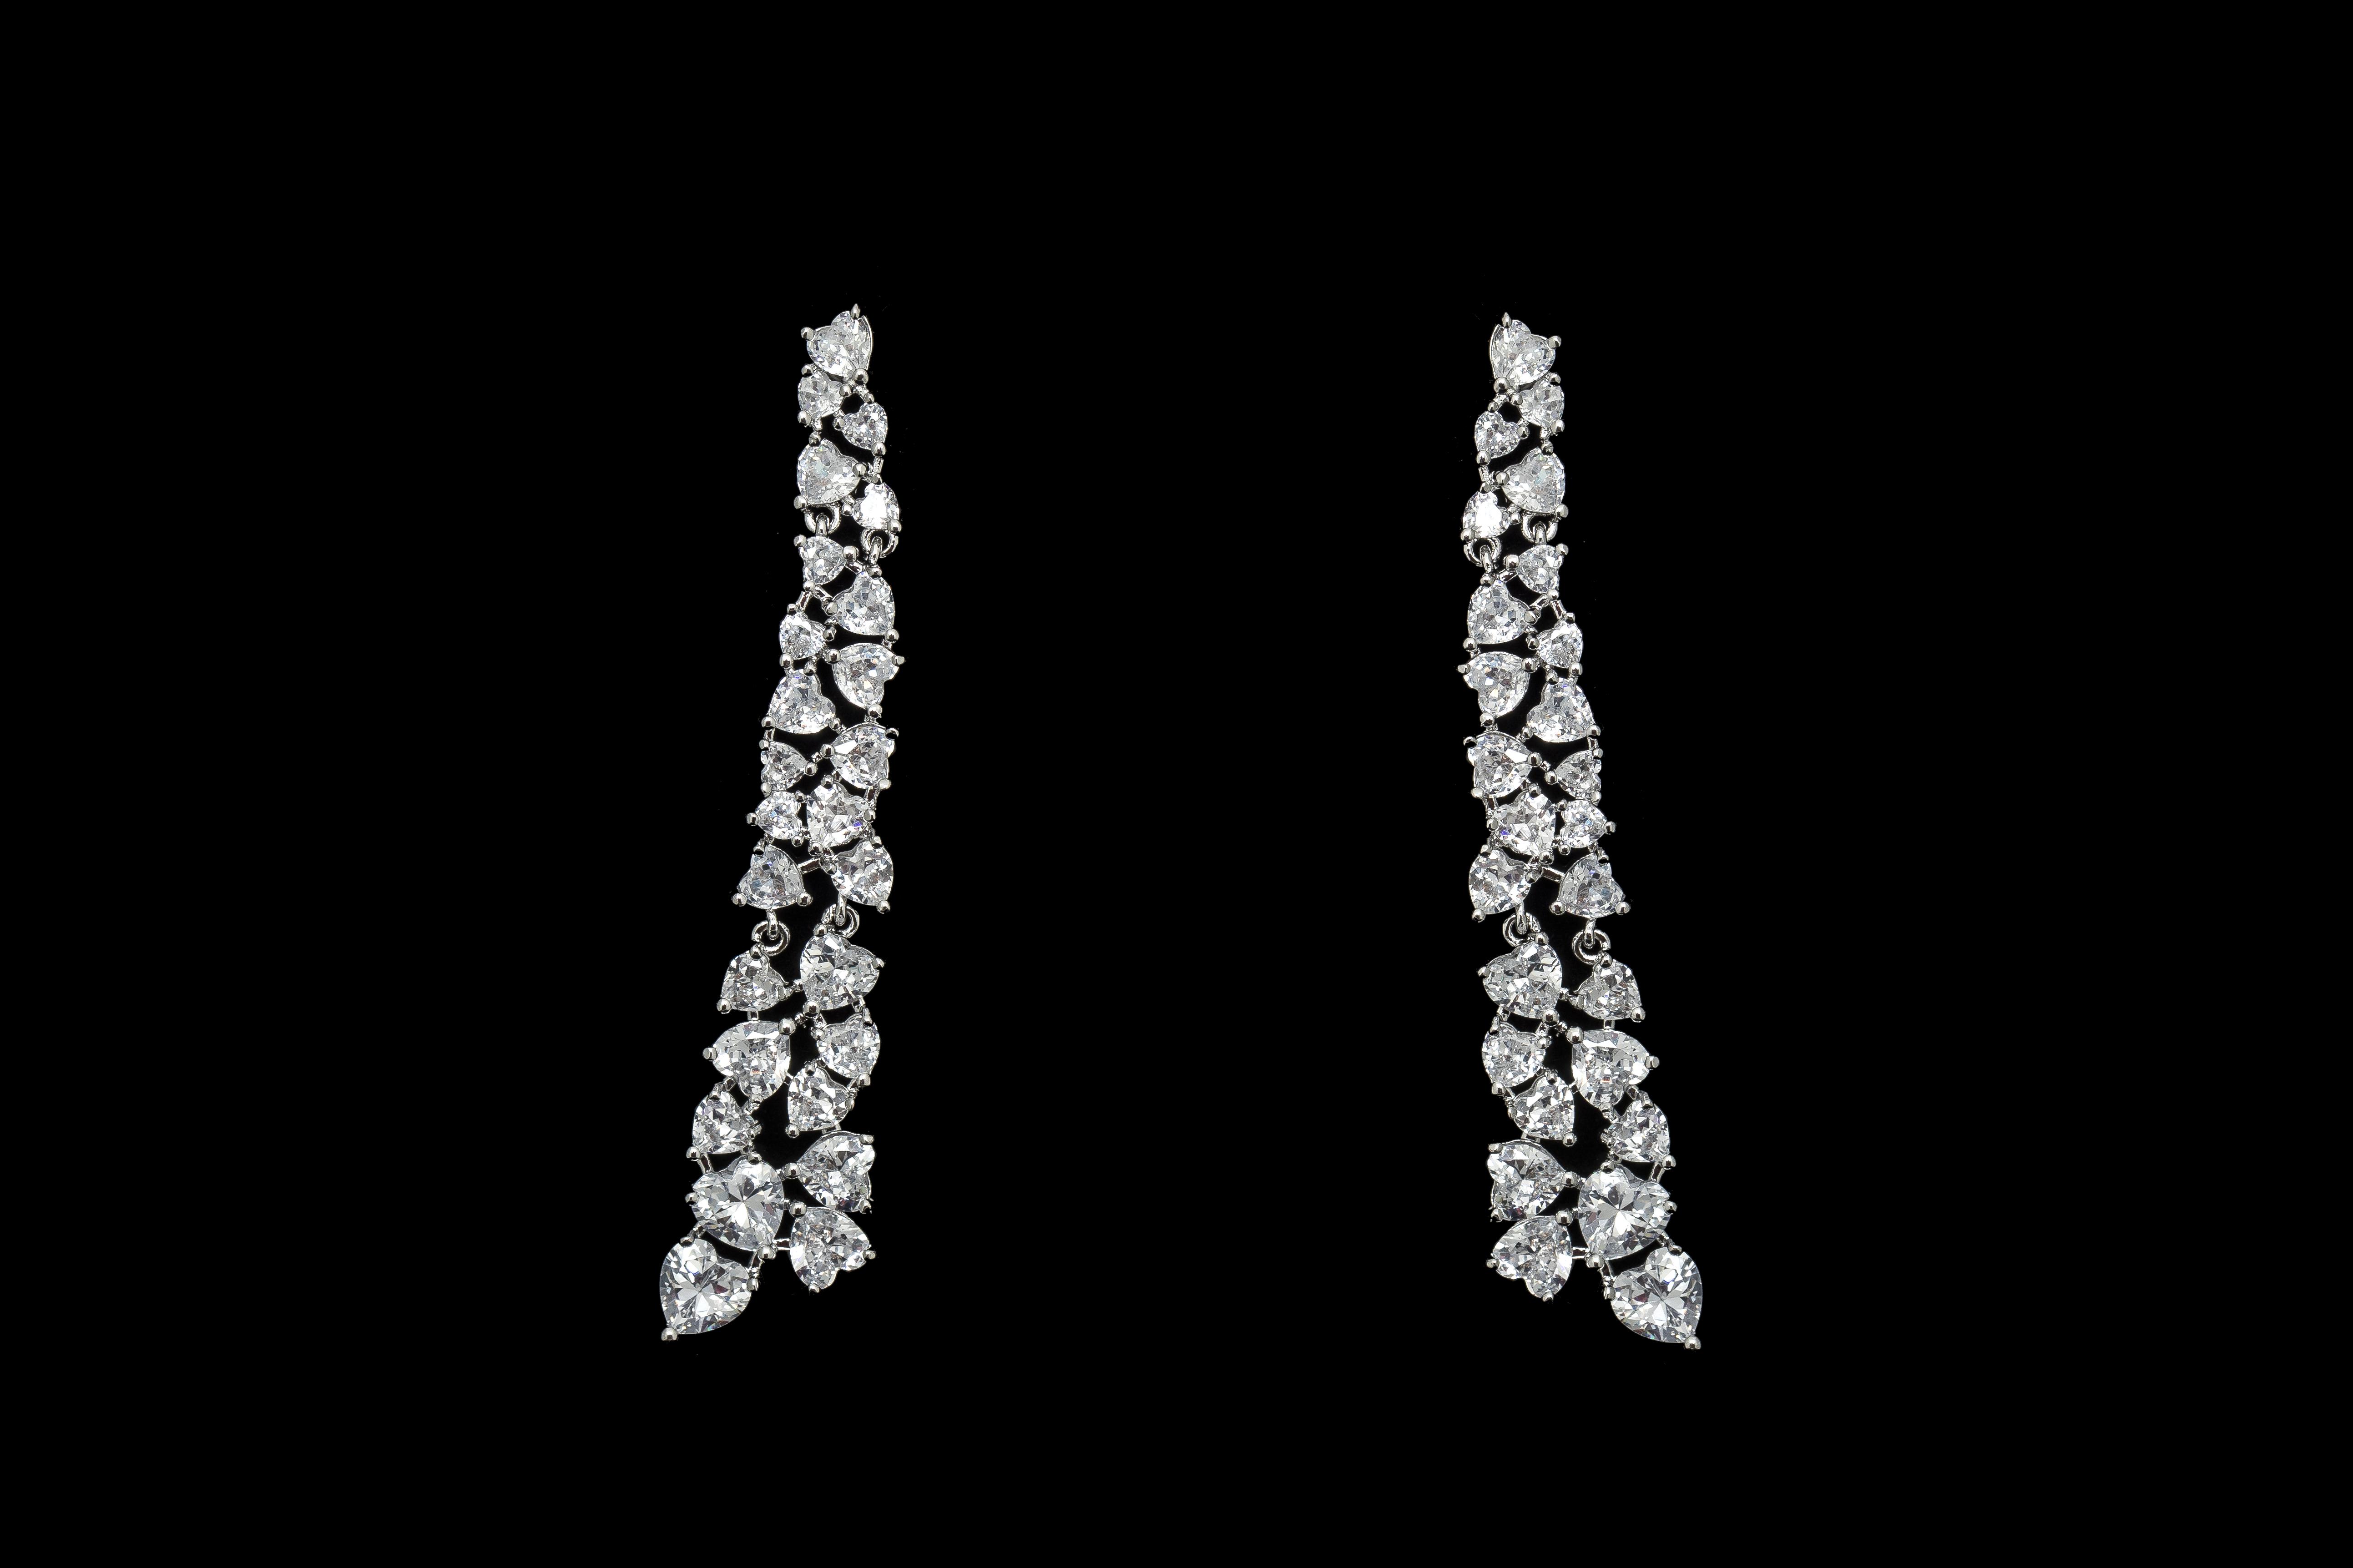 Bridal Classics Earrings CZ-870